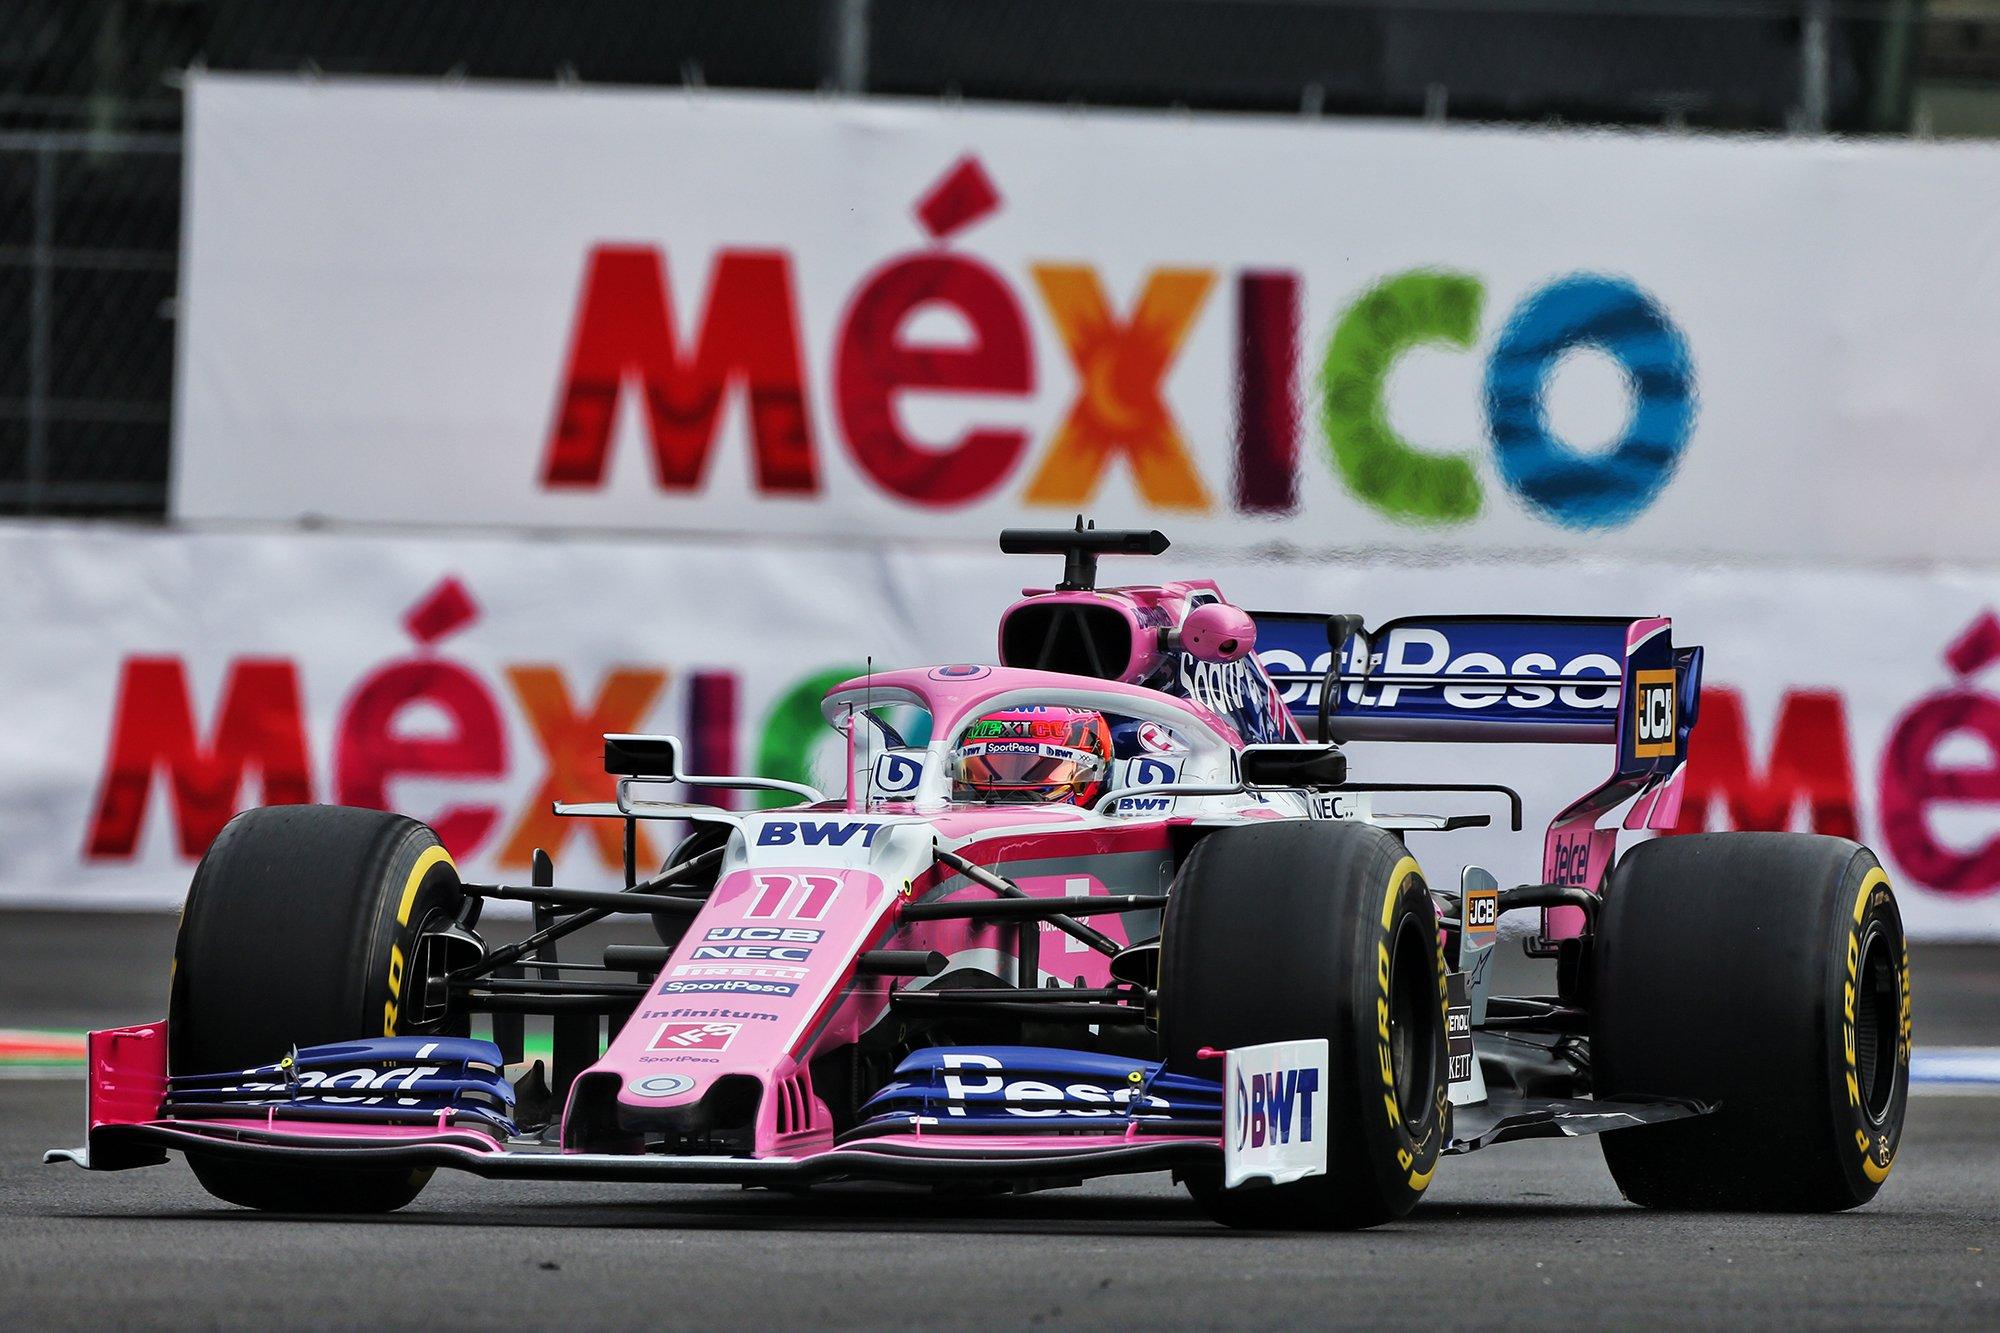 Racing Point догнала Toro Rosso в борьбе за шестое место в кубке конструкторов